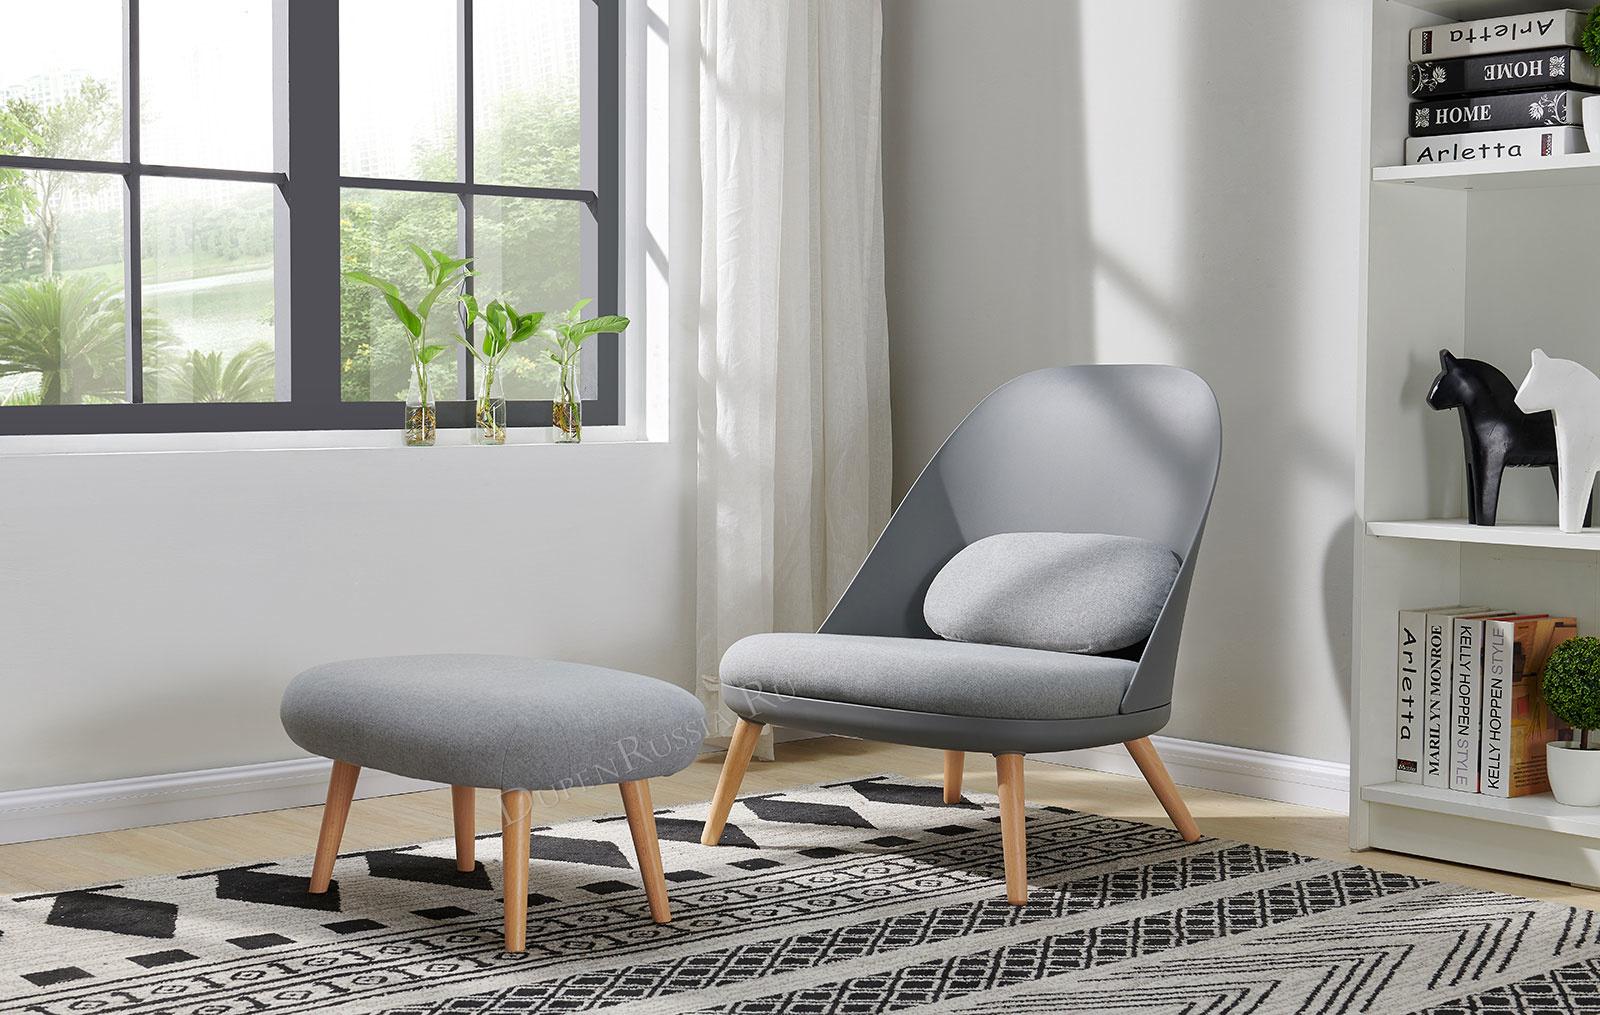 Кресло RX-12W серое HE512-10 и банкетка RX-T серая HE512-10